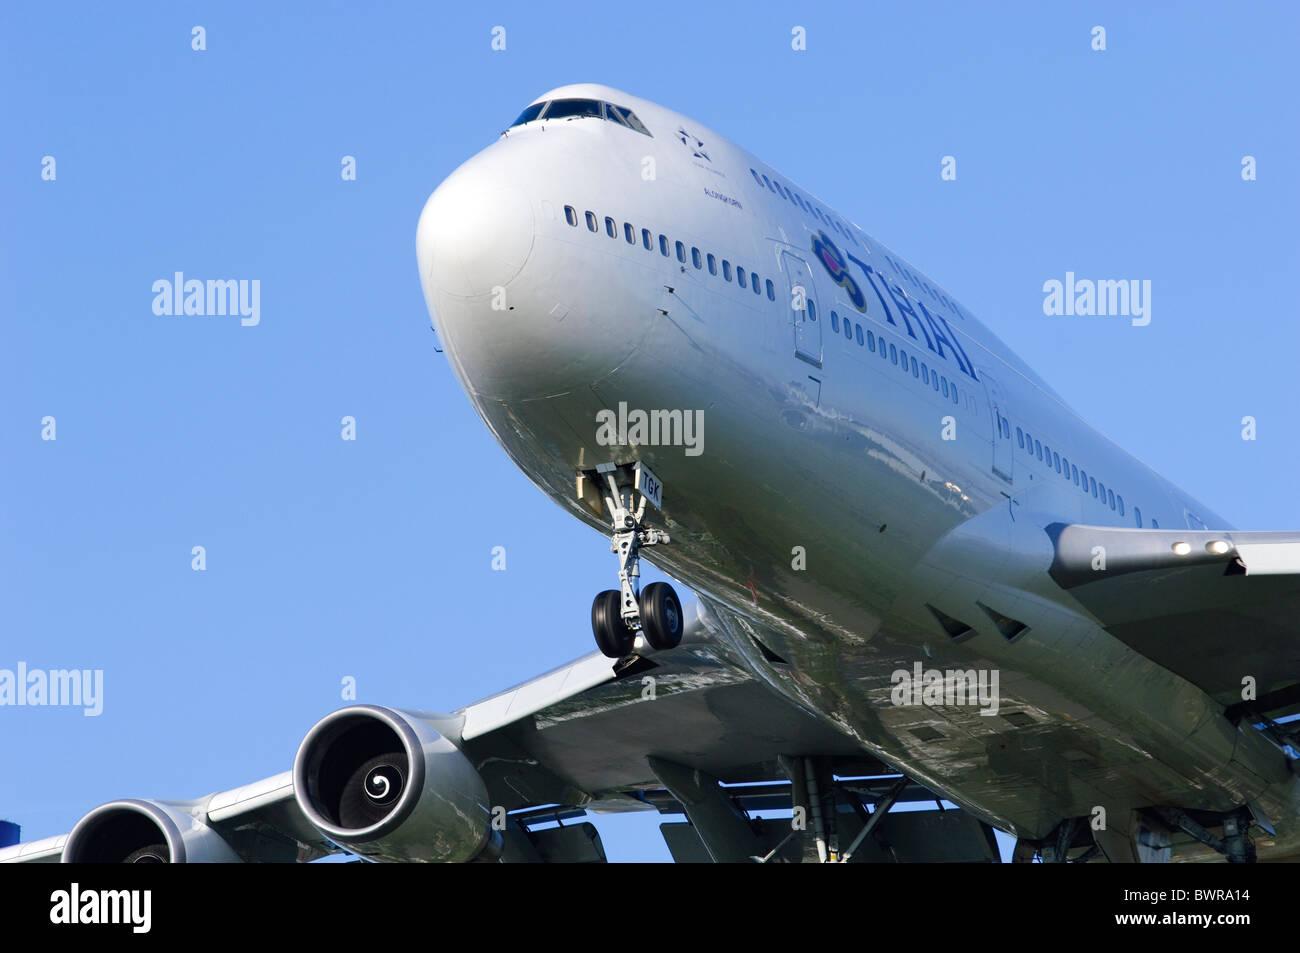 Boeing 747 Thai Airways Jumbo Jet Plane Landing - Stock Image